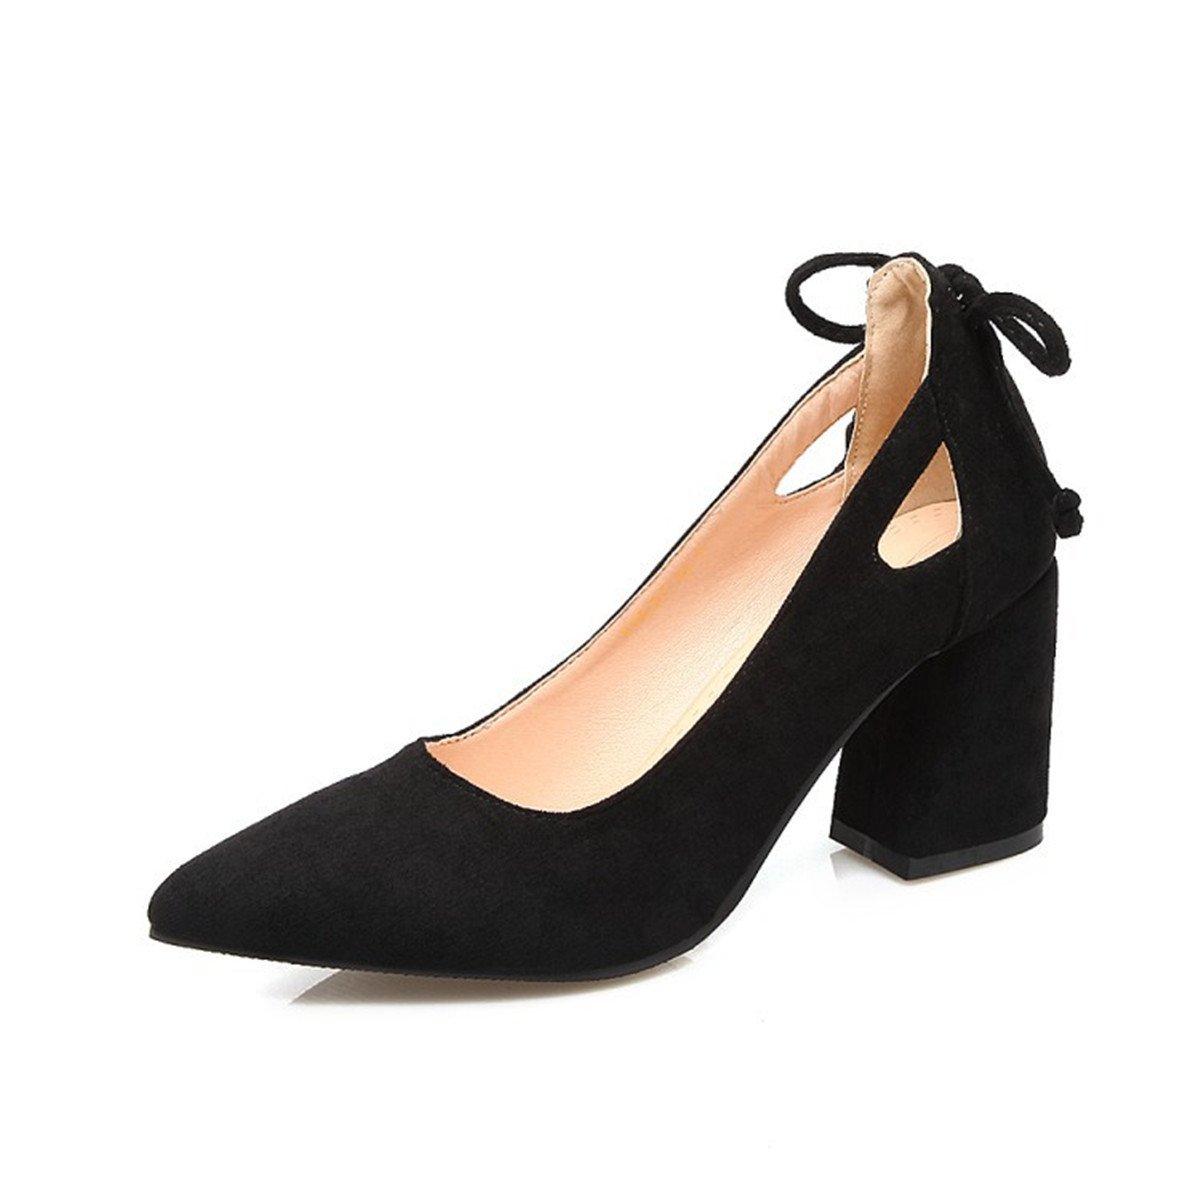 Damens's Schuhes Comfort Comfort Comfort Sandales Walking Schuhes | Damen Sandalen | Sandalette Präsident wies High Heels bold und elegant und vielseitig Spitze Satin Schuhe mit hohen Absätzen Frau | Damen Sandalen schwarz 1c4d00